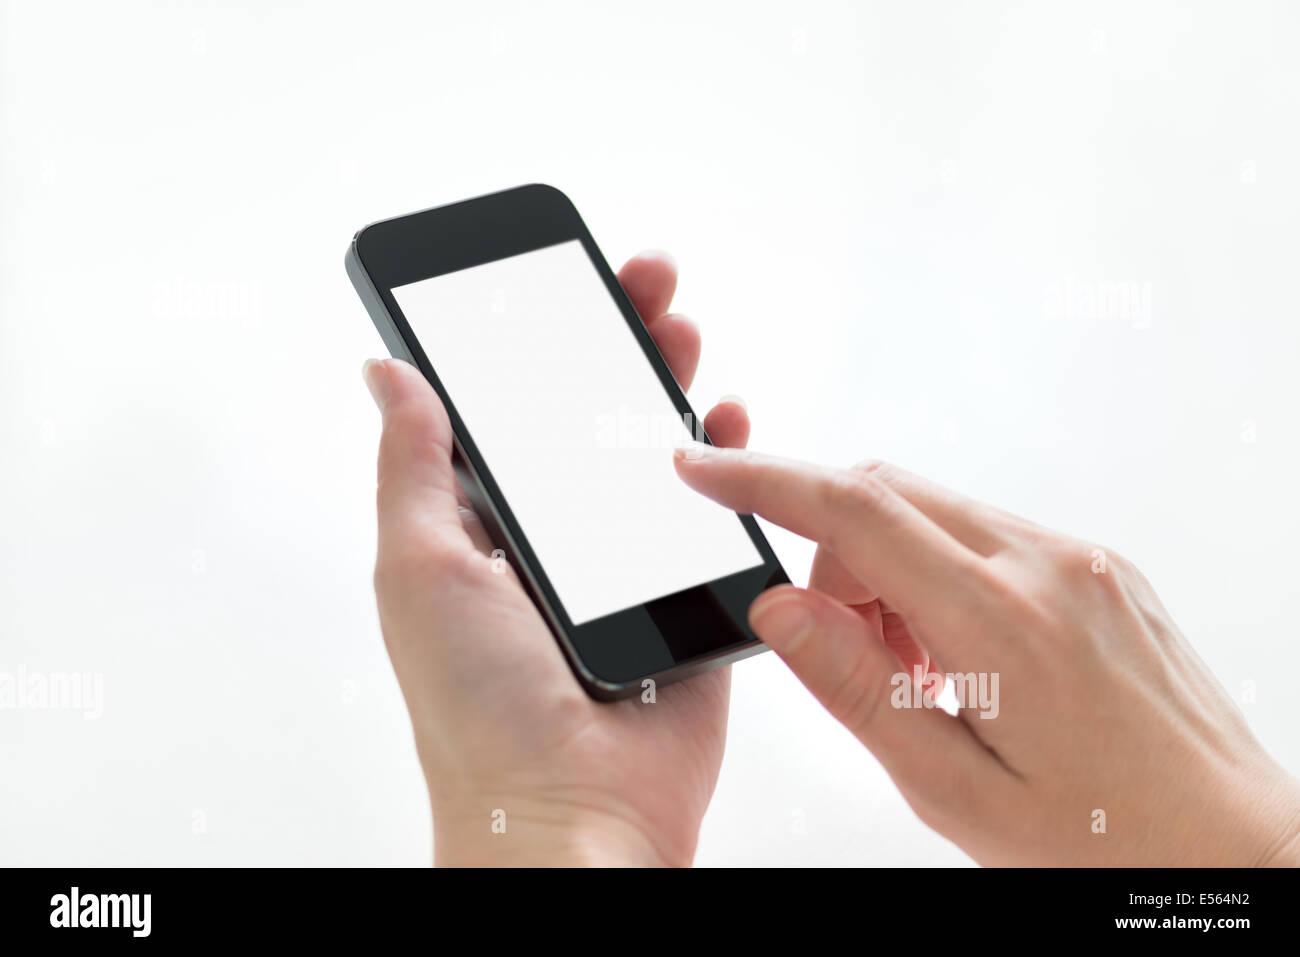 Les mains tenant et toucher sur mobile smartphone avec écran vide. Isolé sur fond blanc. Photo Stock